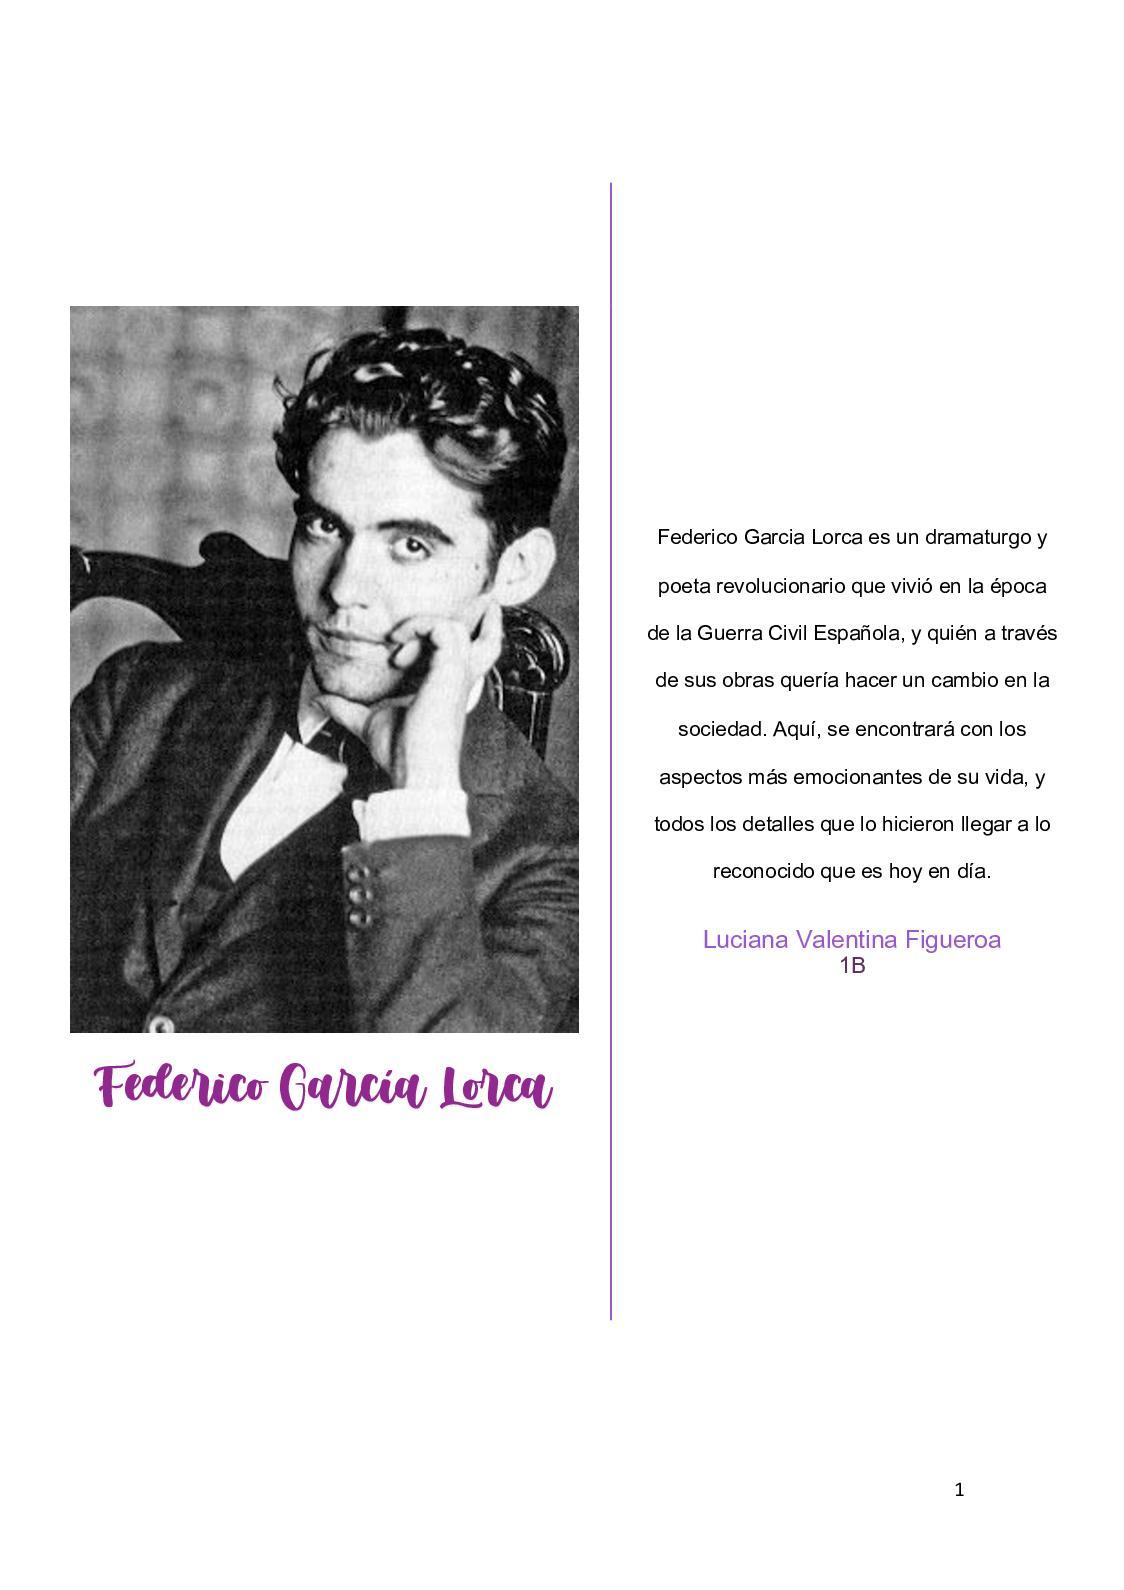 Calaméo Federico Garcia Lorca